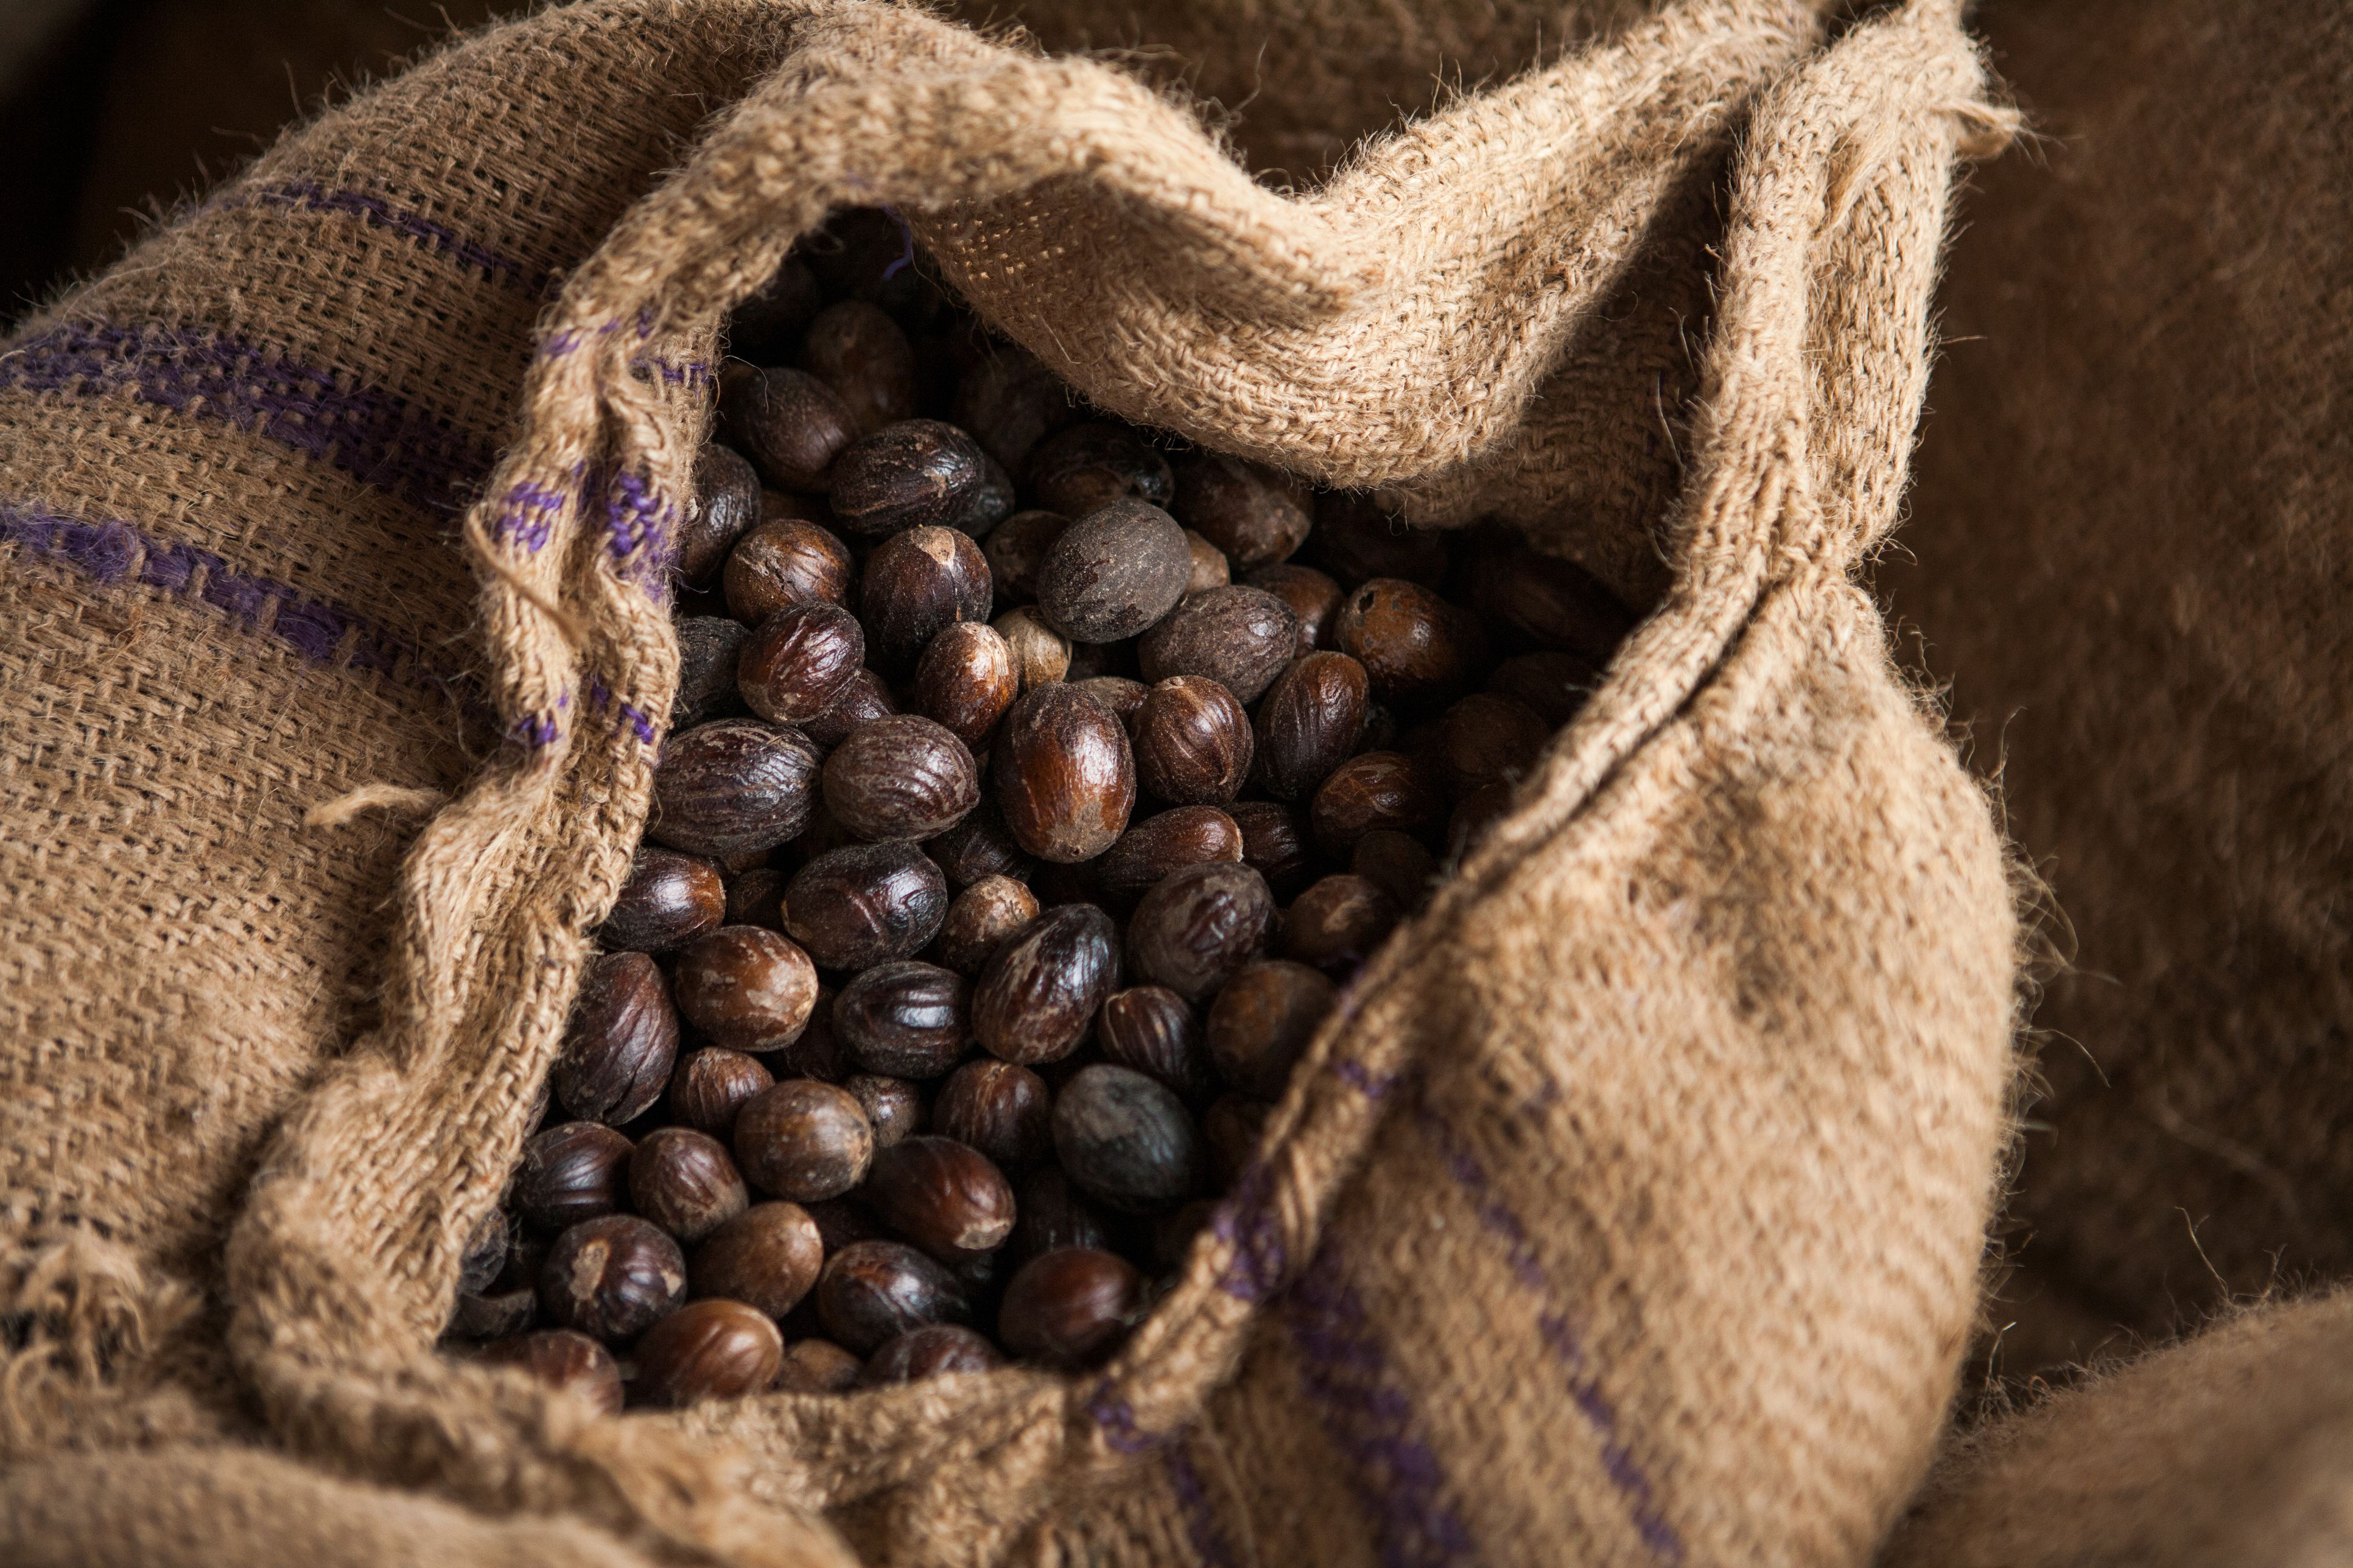 Nutmegs in sack